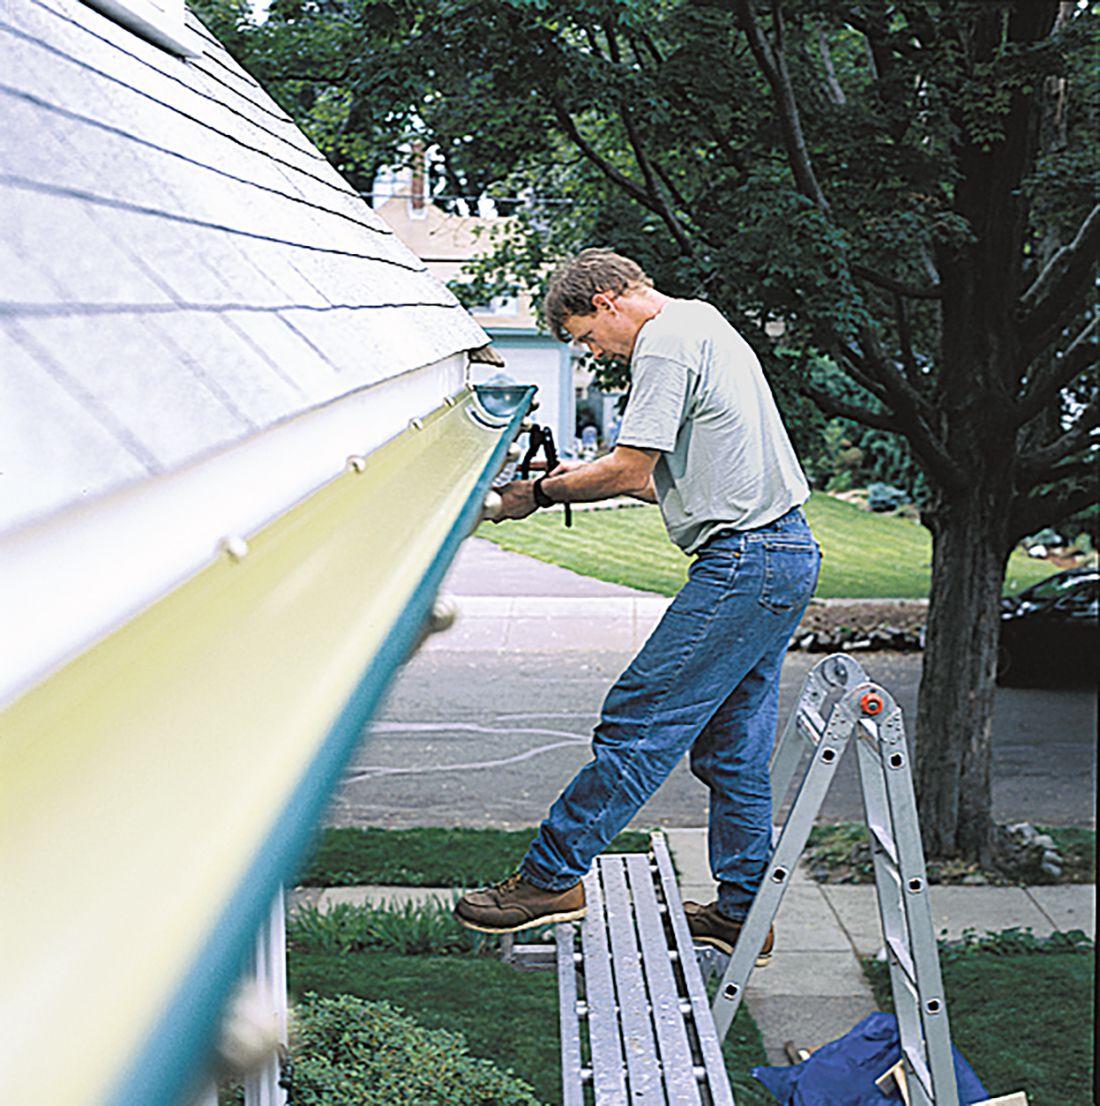 Man Installing Gutter On House